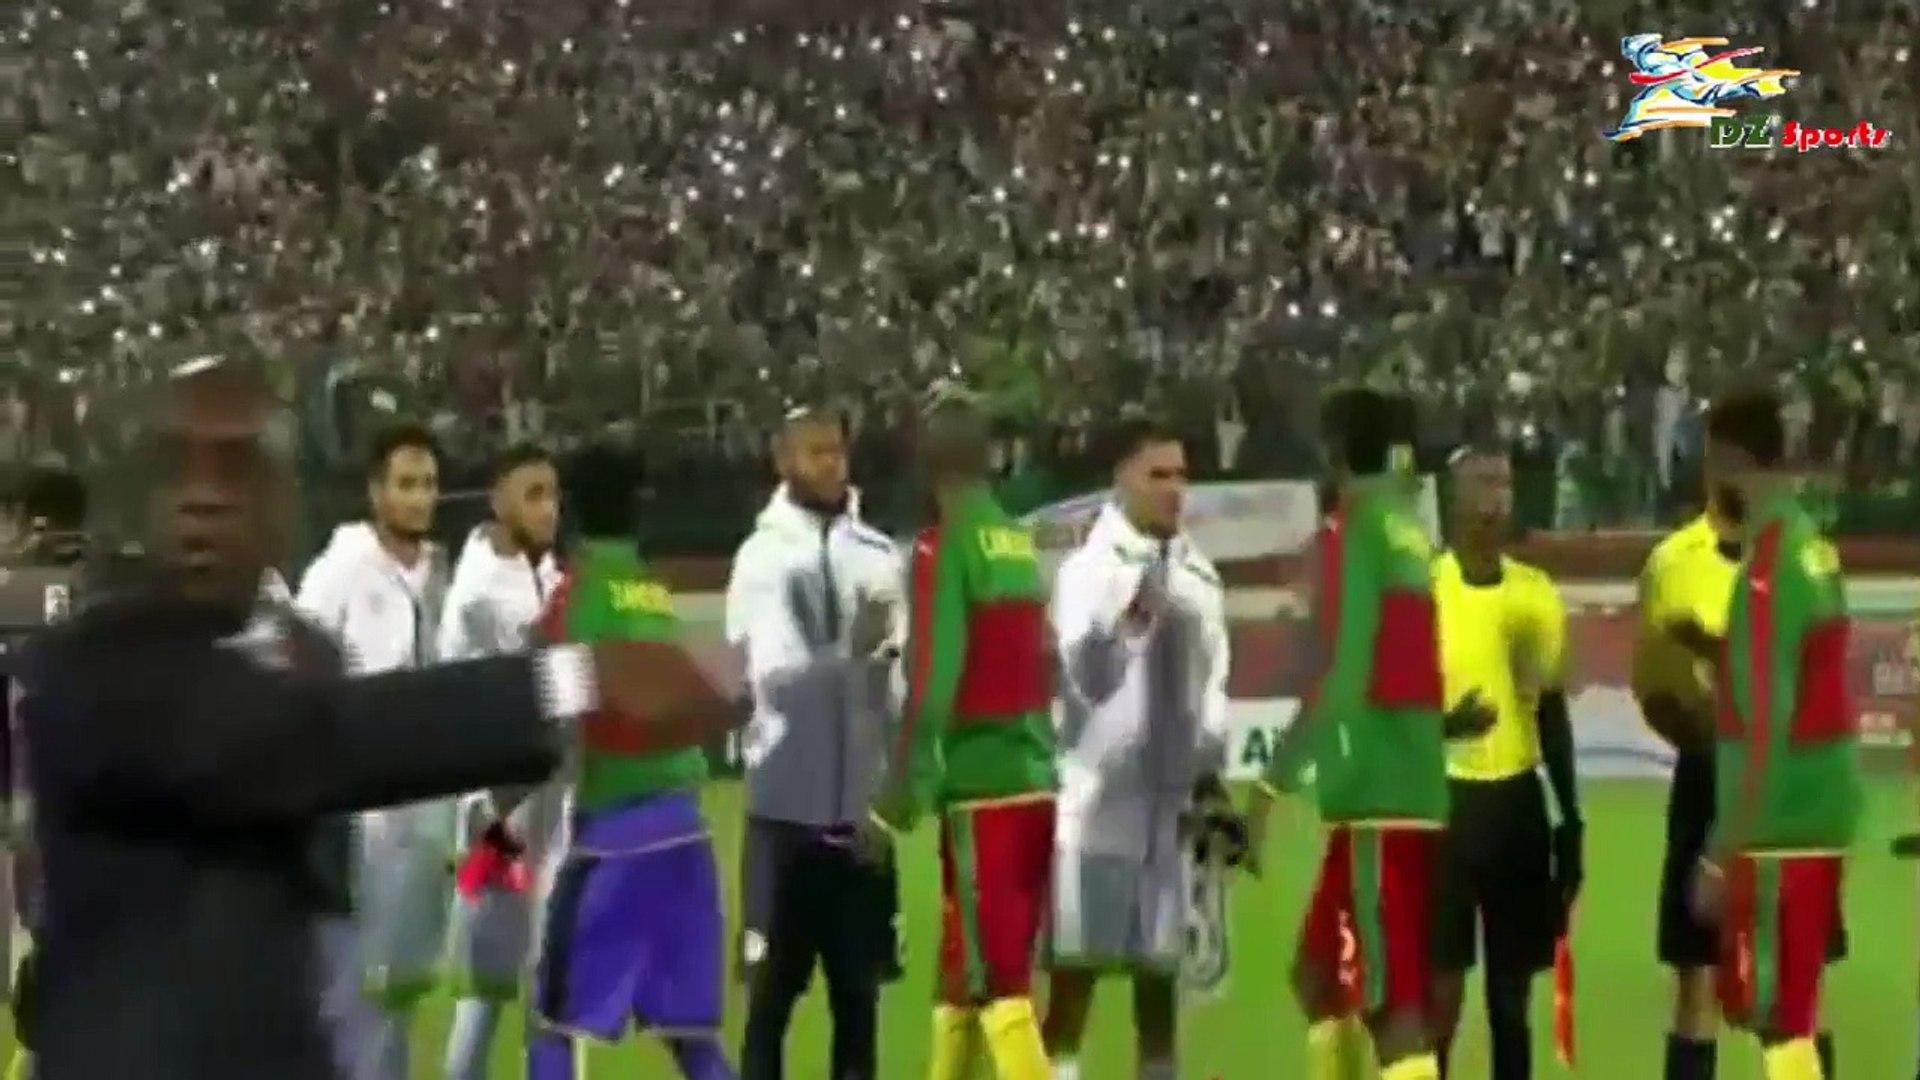 حسب beIN SPORTS هذا هو المدرب الأقرب لتدريب المنتخب الجزائري